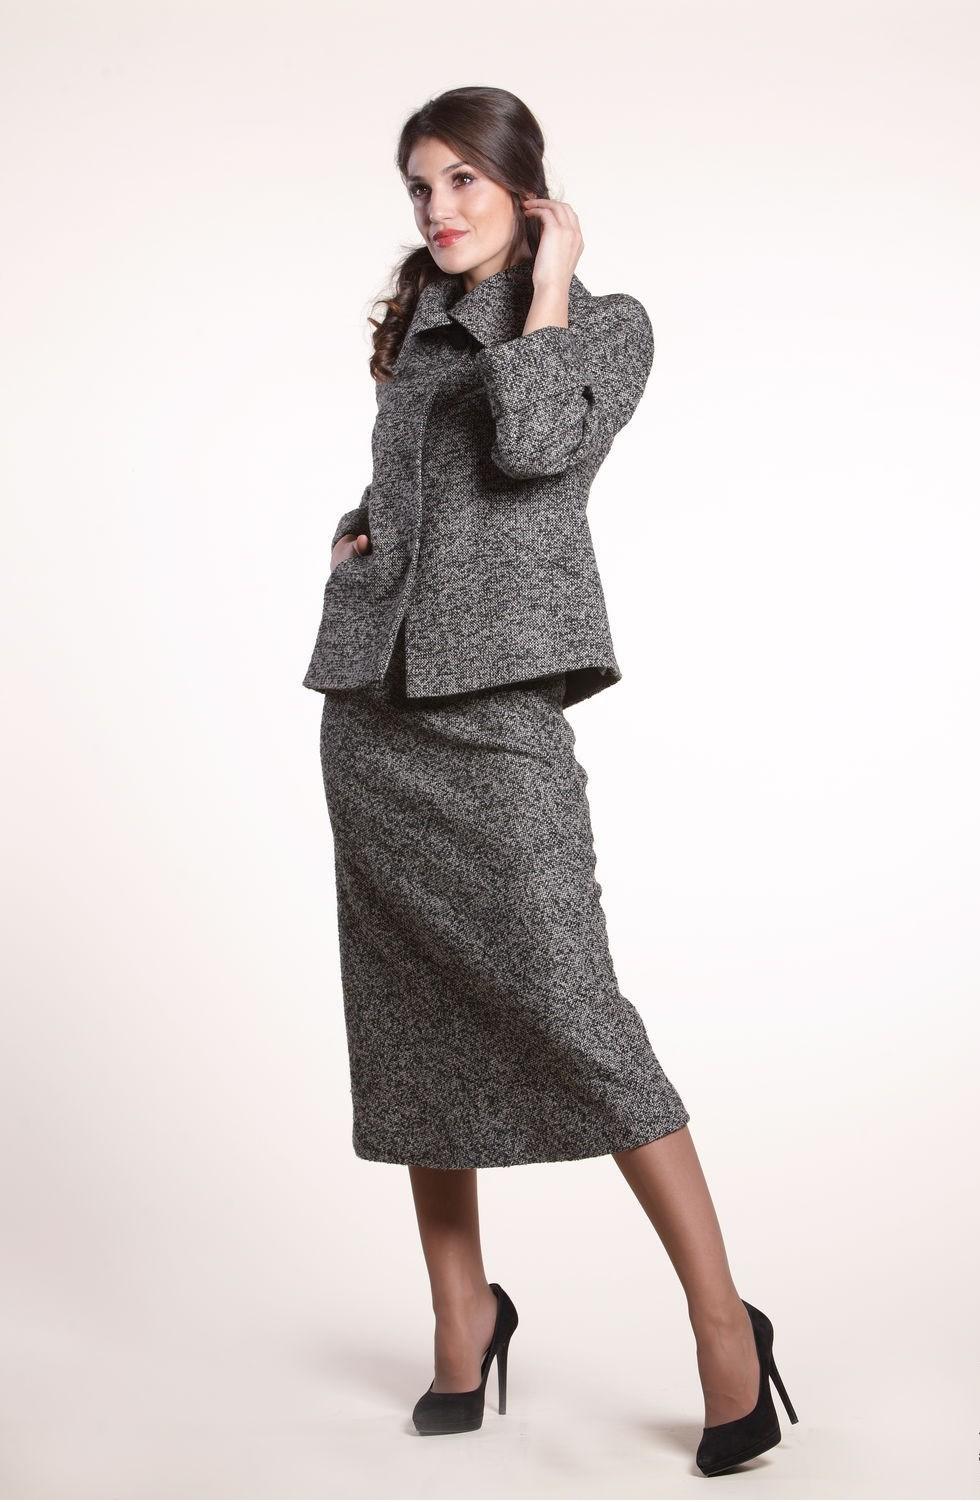 с чем носить серую юбку: шерстяная юбка под пиджак в тон